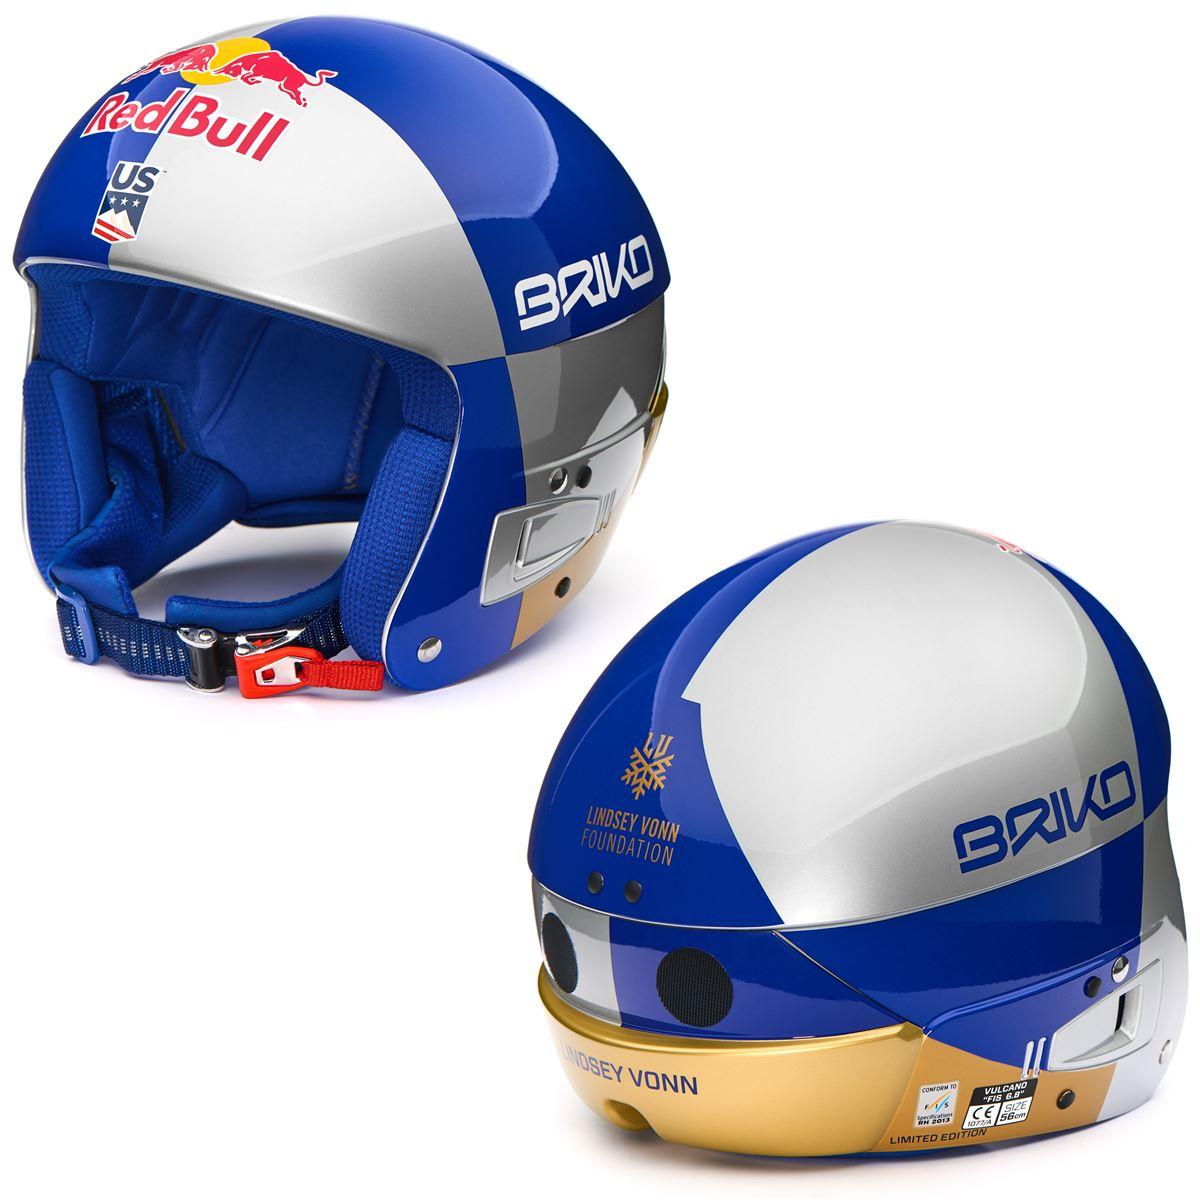 【送料無料】ブリコ ヘルメット2001SI0 VULCANO RB LVF FIS 6.8